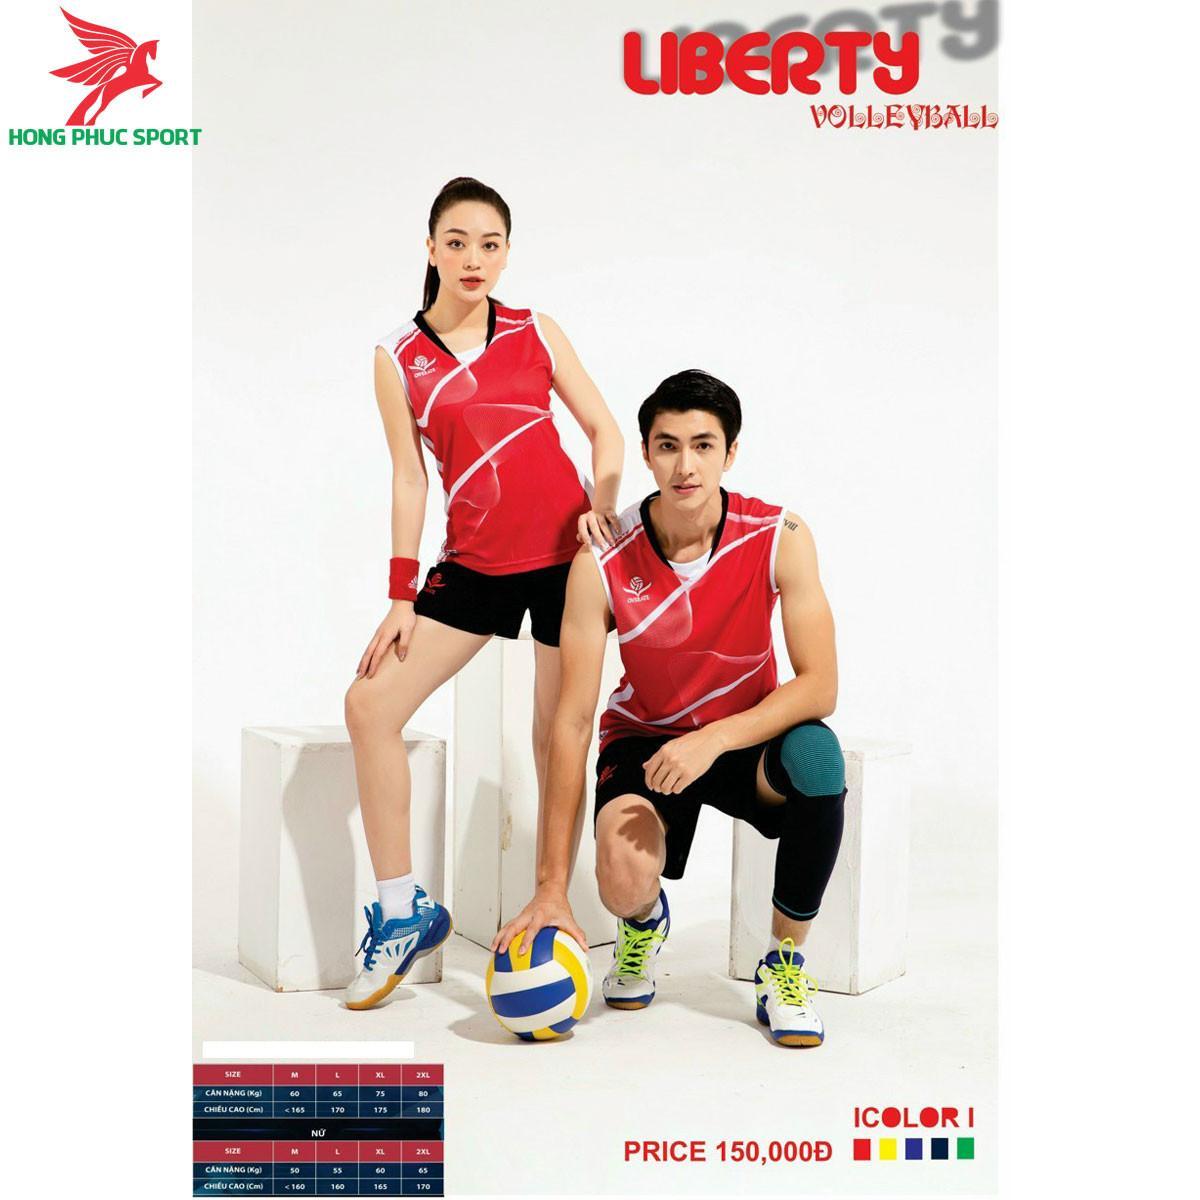 Áo thi đấu bóng chuyền OverateLiberty 2021 màu đỏ